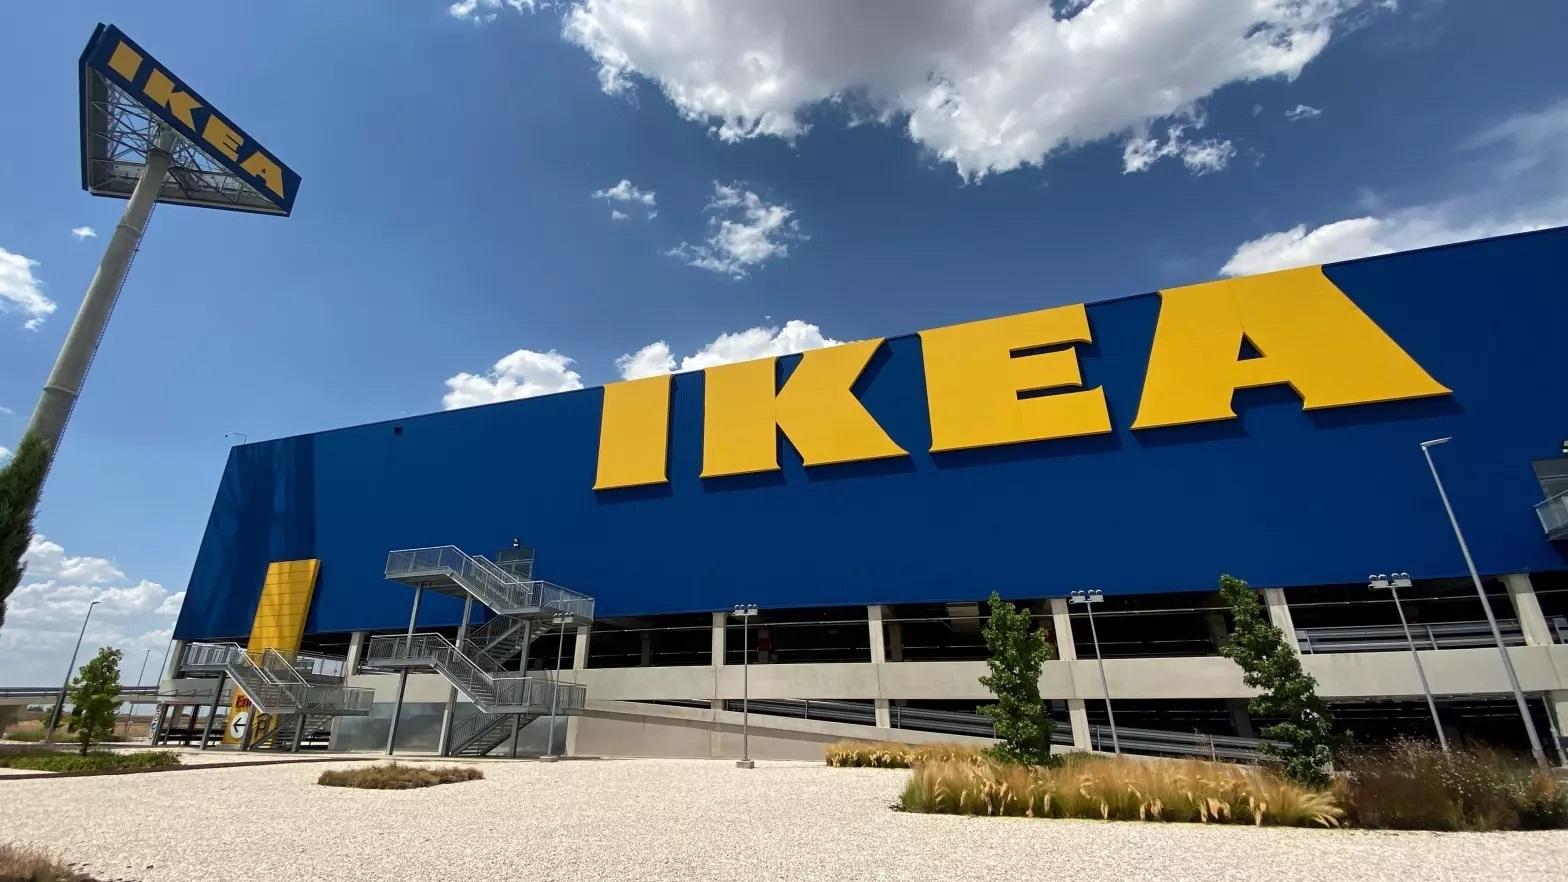 Horario de Ikea, Decathlon, Zara y grandes almacenes este 12 octubre